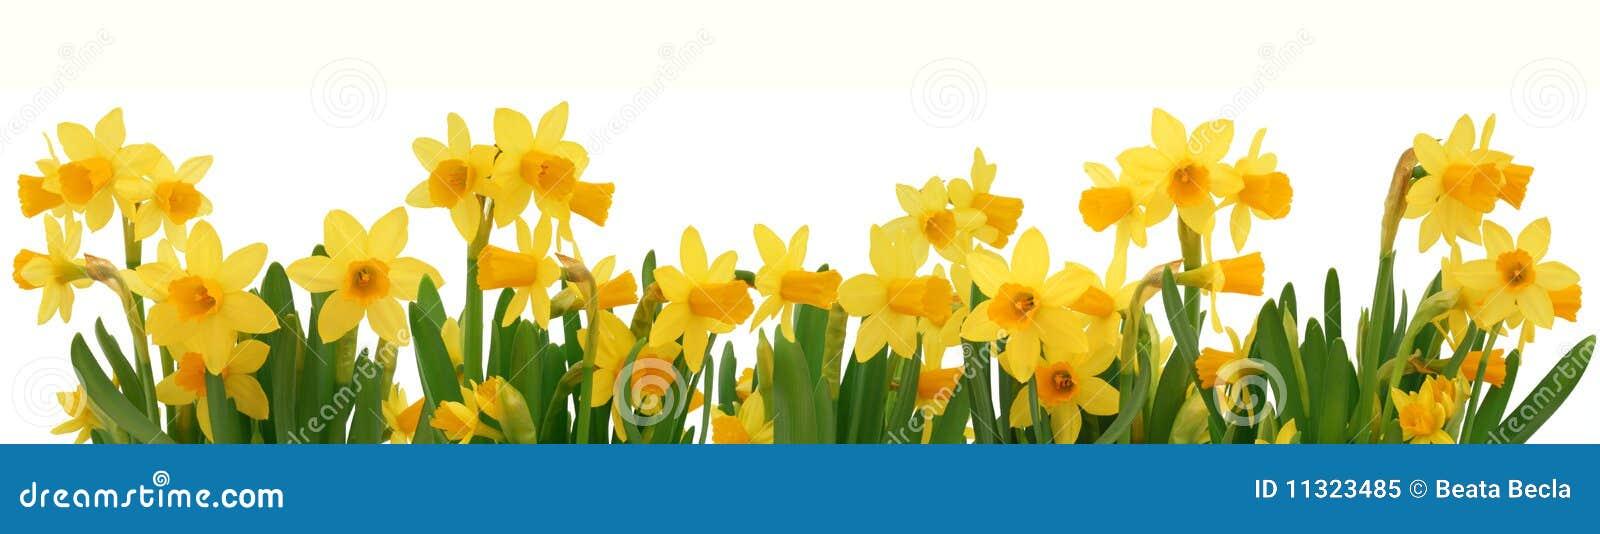 De gele narcissengrens van de lente